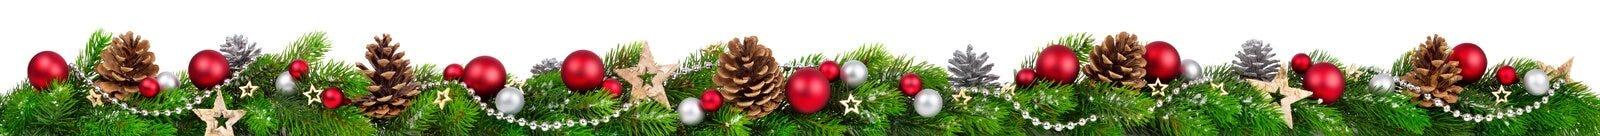 Frontera de la Navidad, extraordinariamente de par en par Imagen de archivo libre de regalías